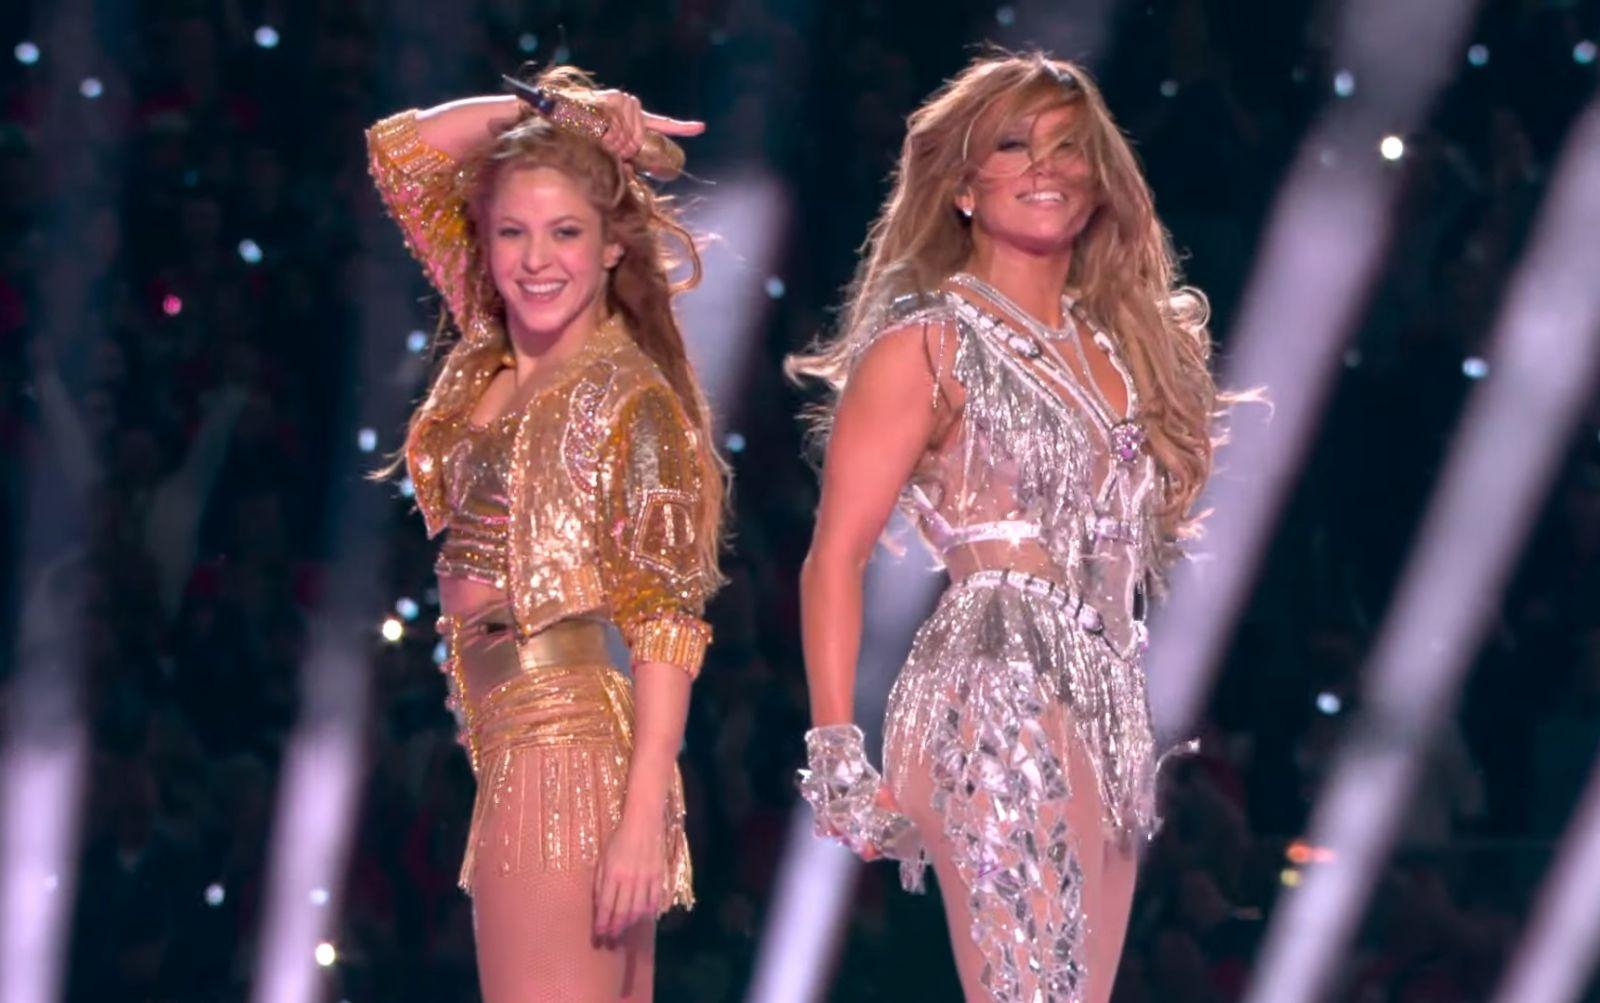 Выступление Джей Ло и Шакиры на Super Bowl: язык последней стал мемом